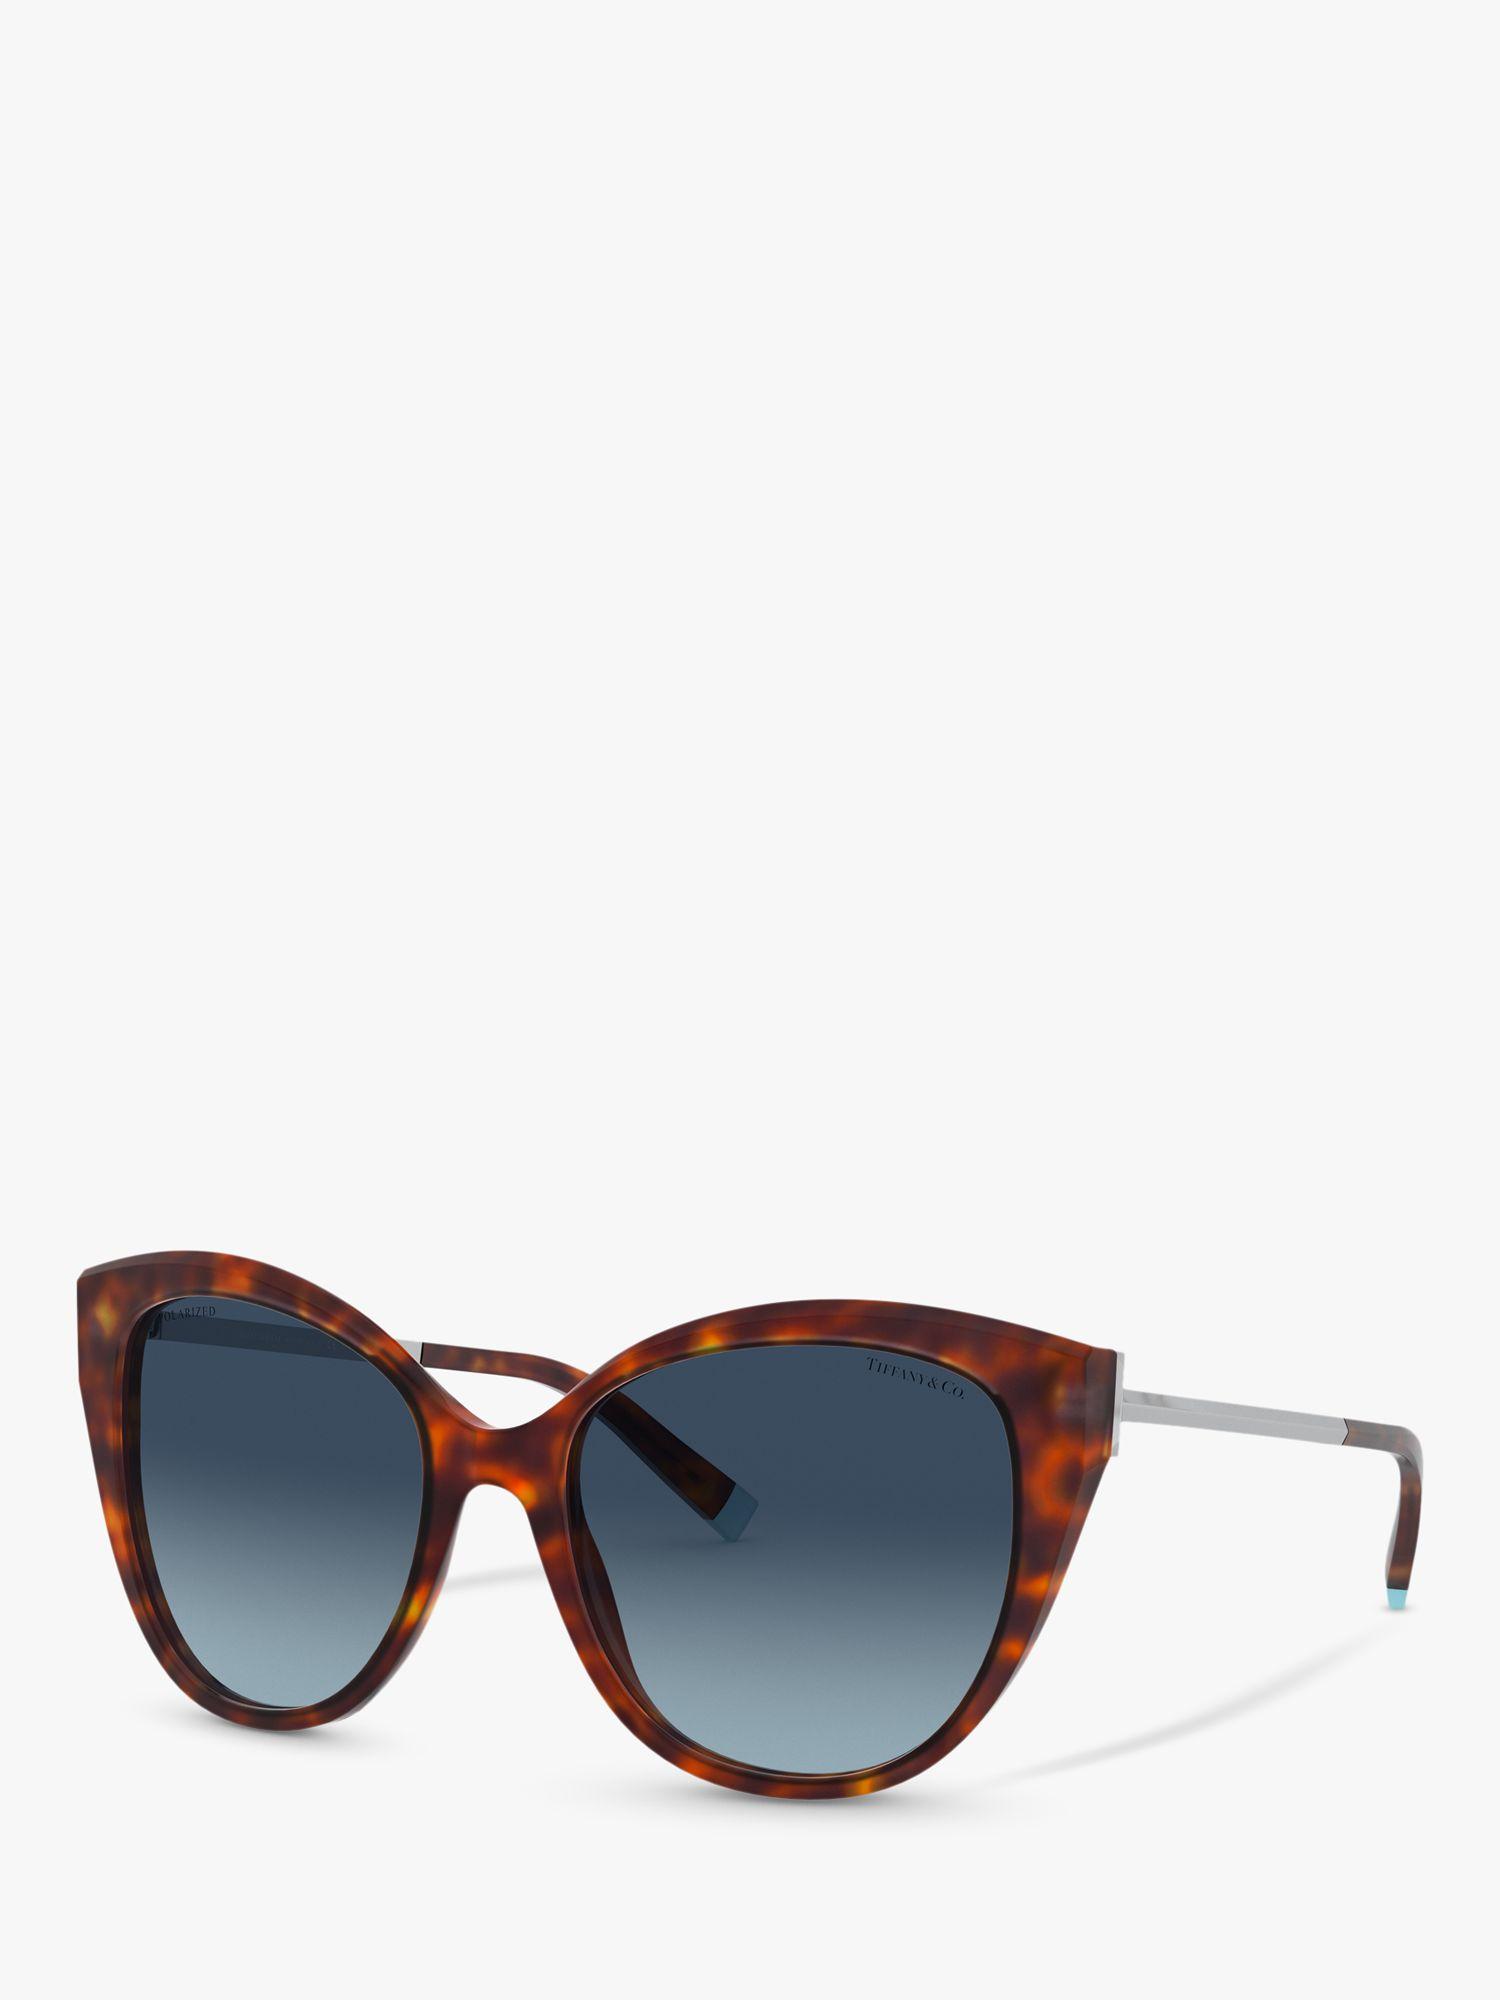 Tiffany & Co Tiffany & Co TF4166 Women's Polarised Cat's Eye Sunglasses, Havana/Blue Gradient